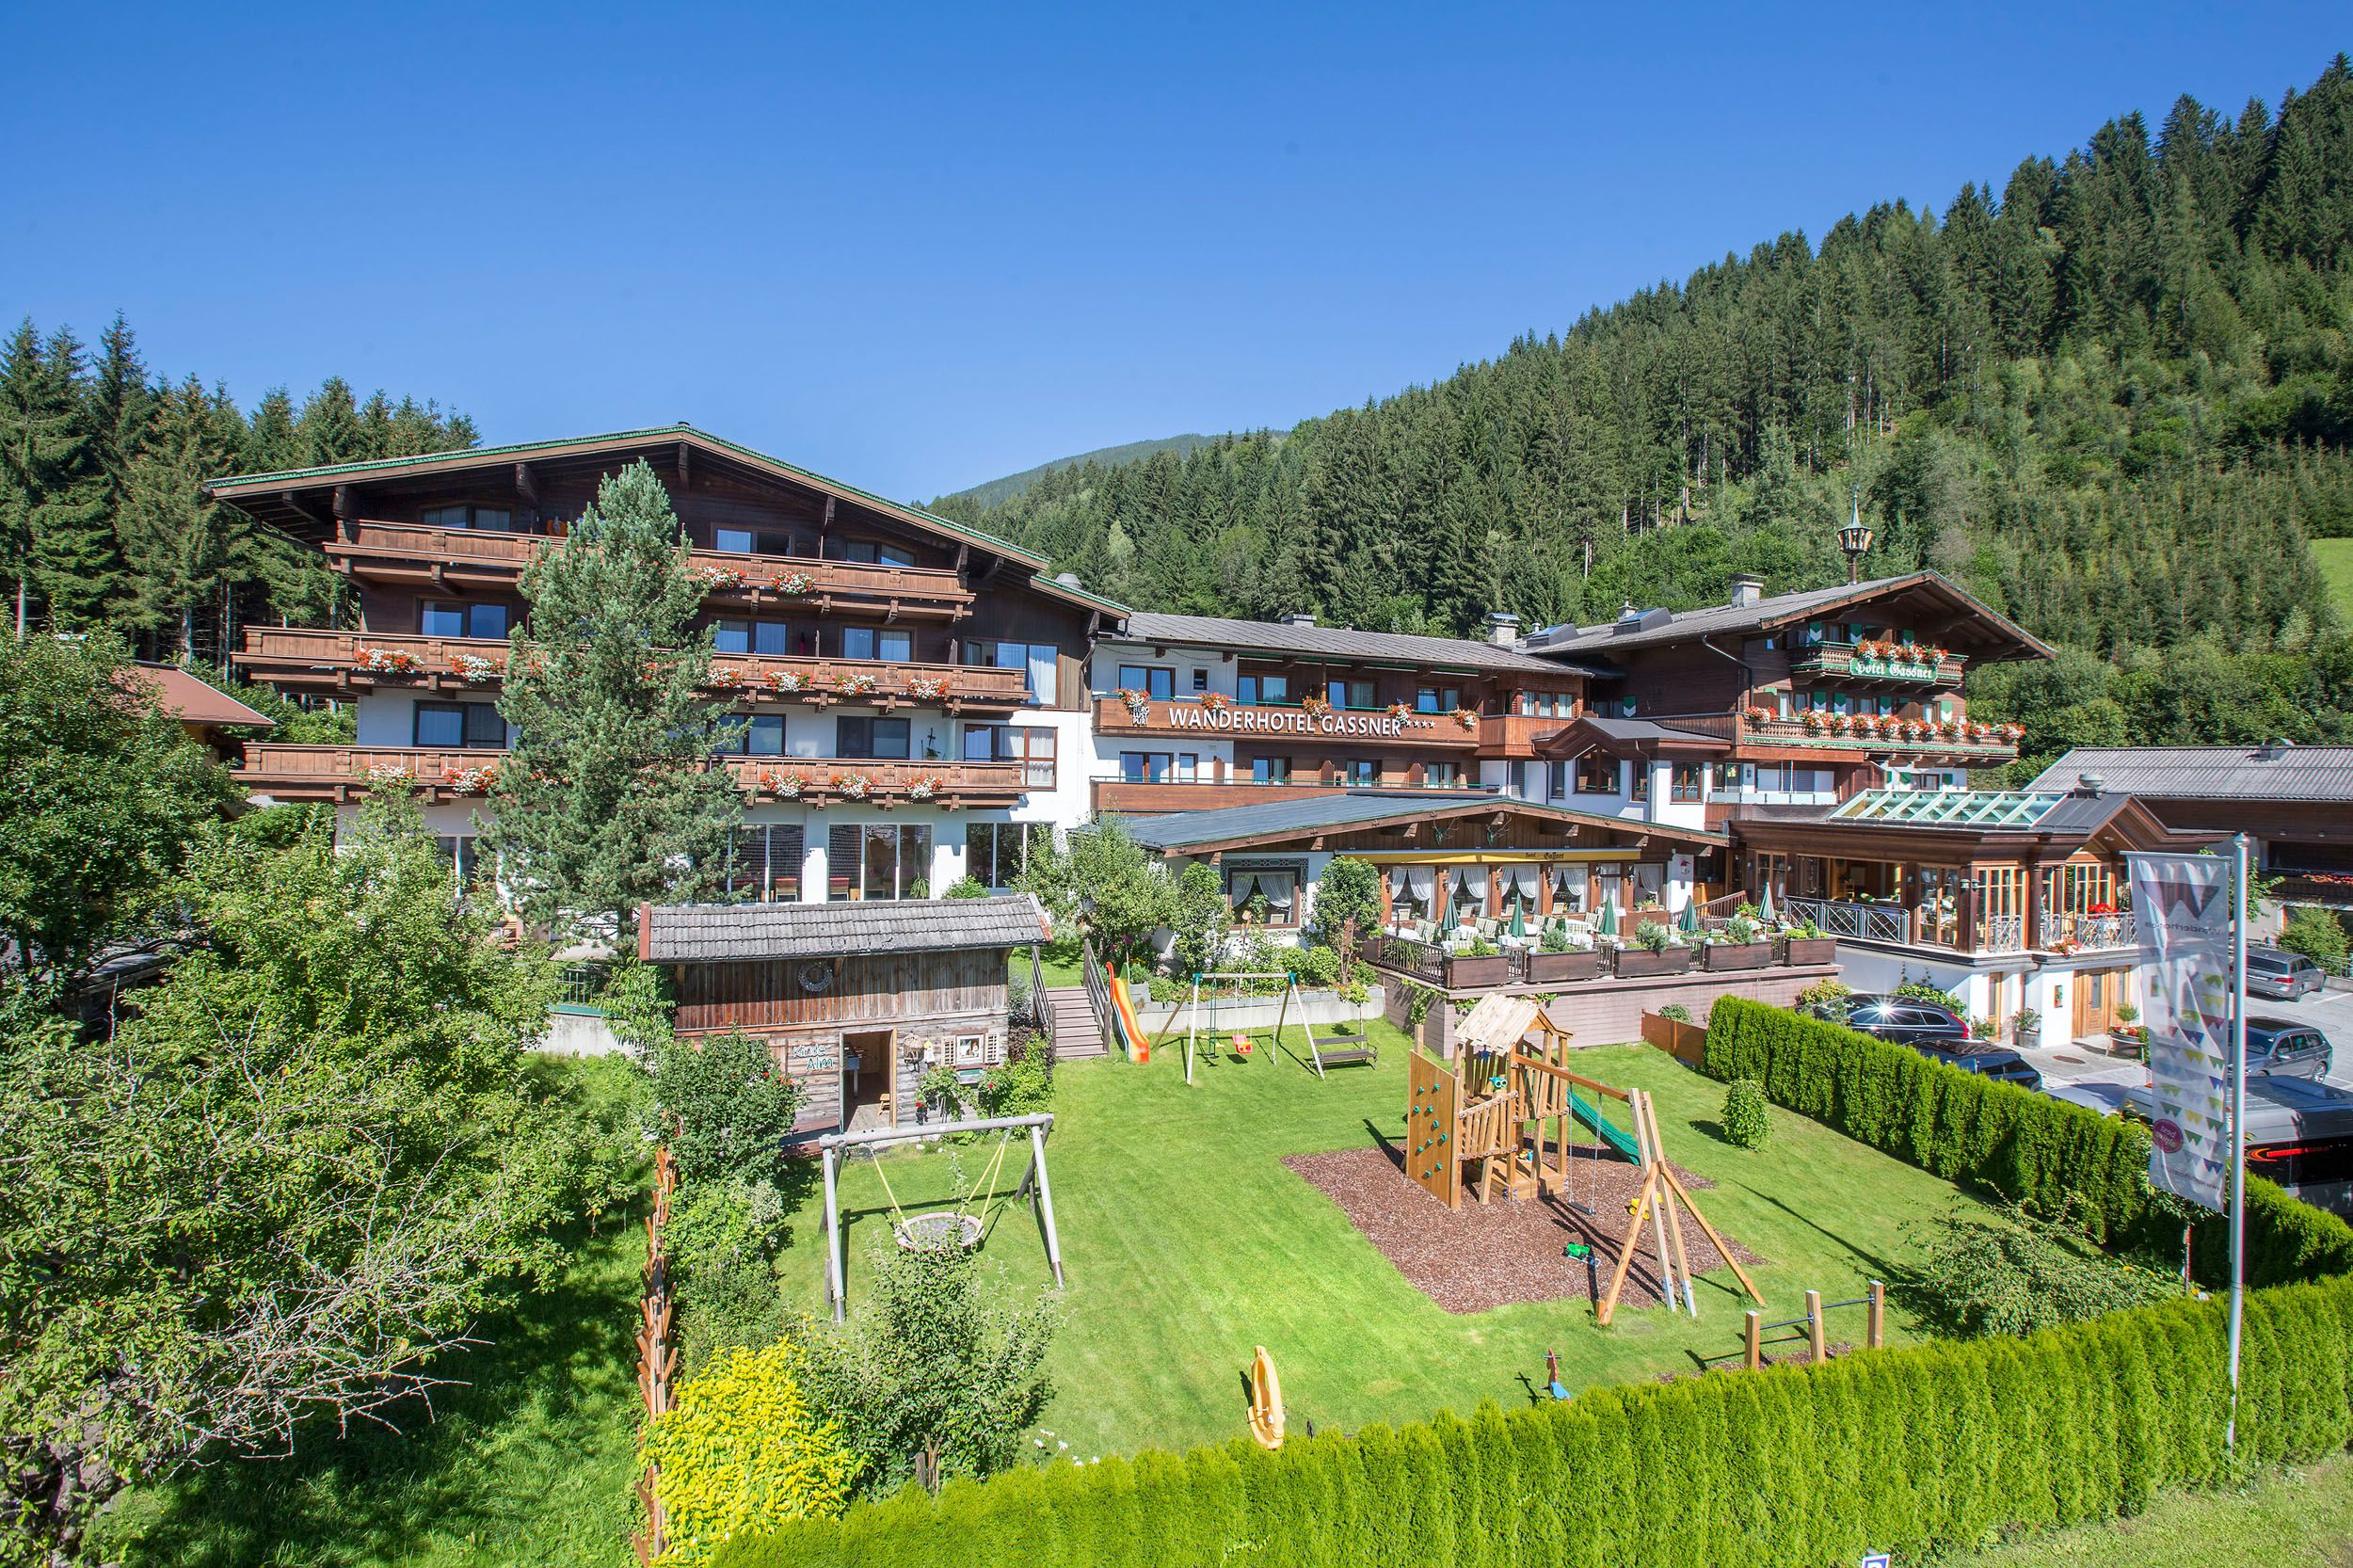 Blick in den Garten des Hotels – mit viel Platz zum Spielen